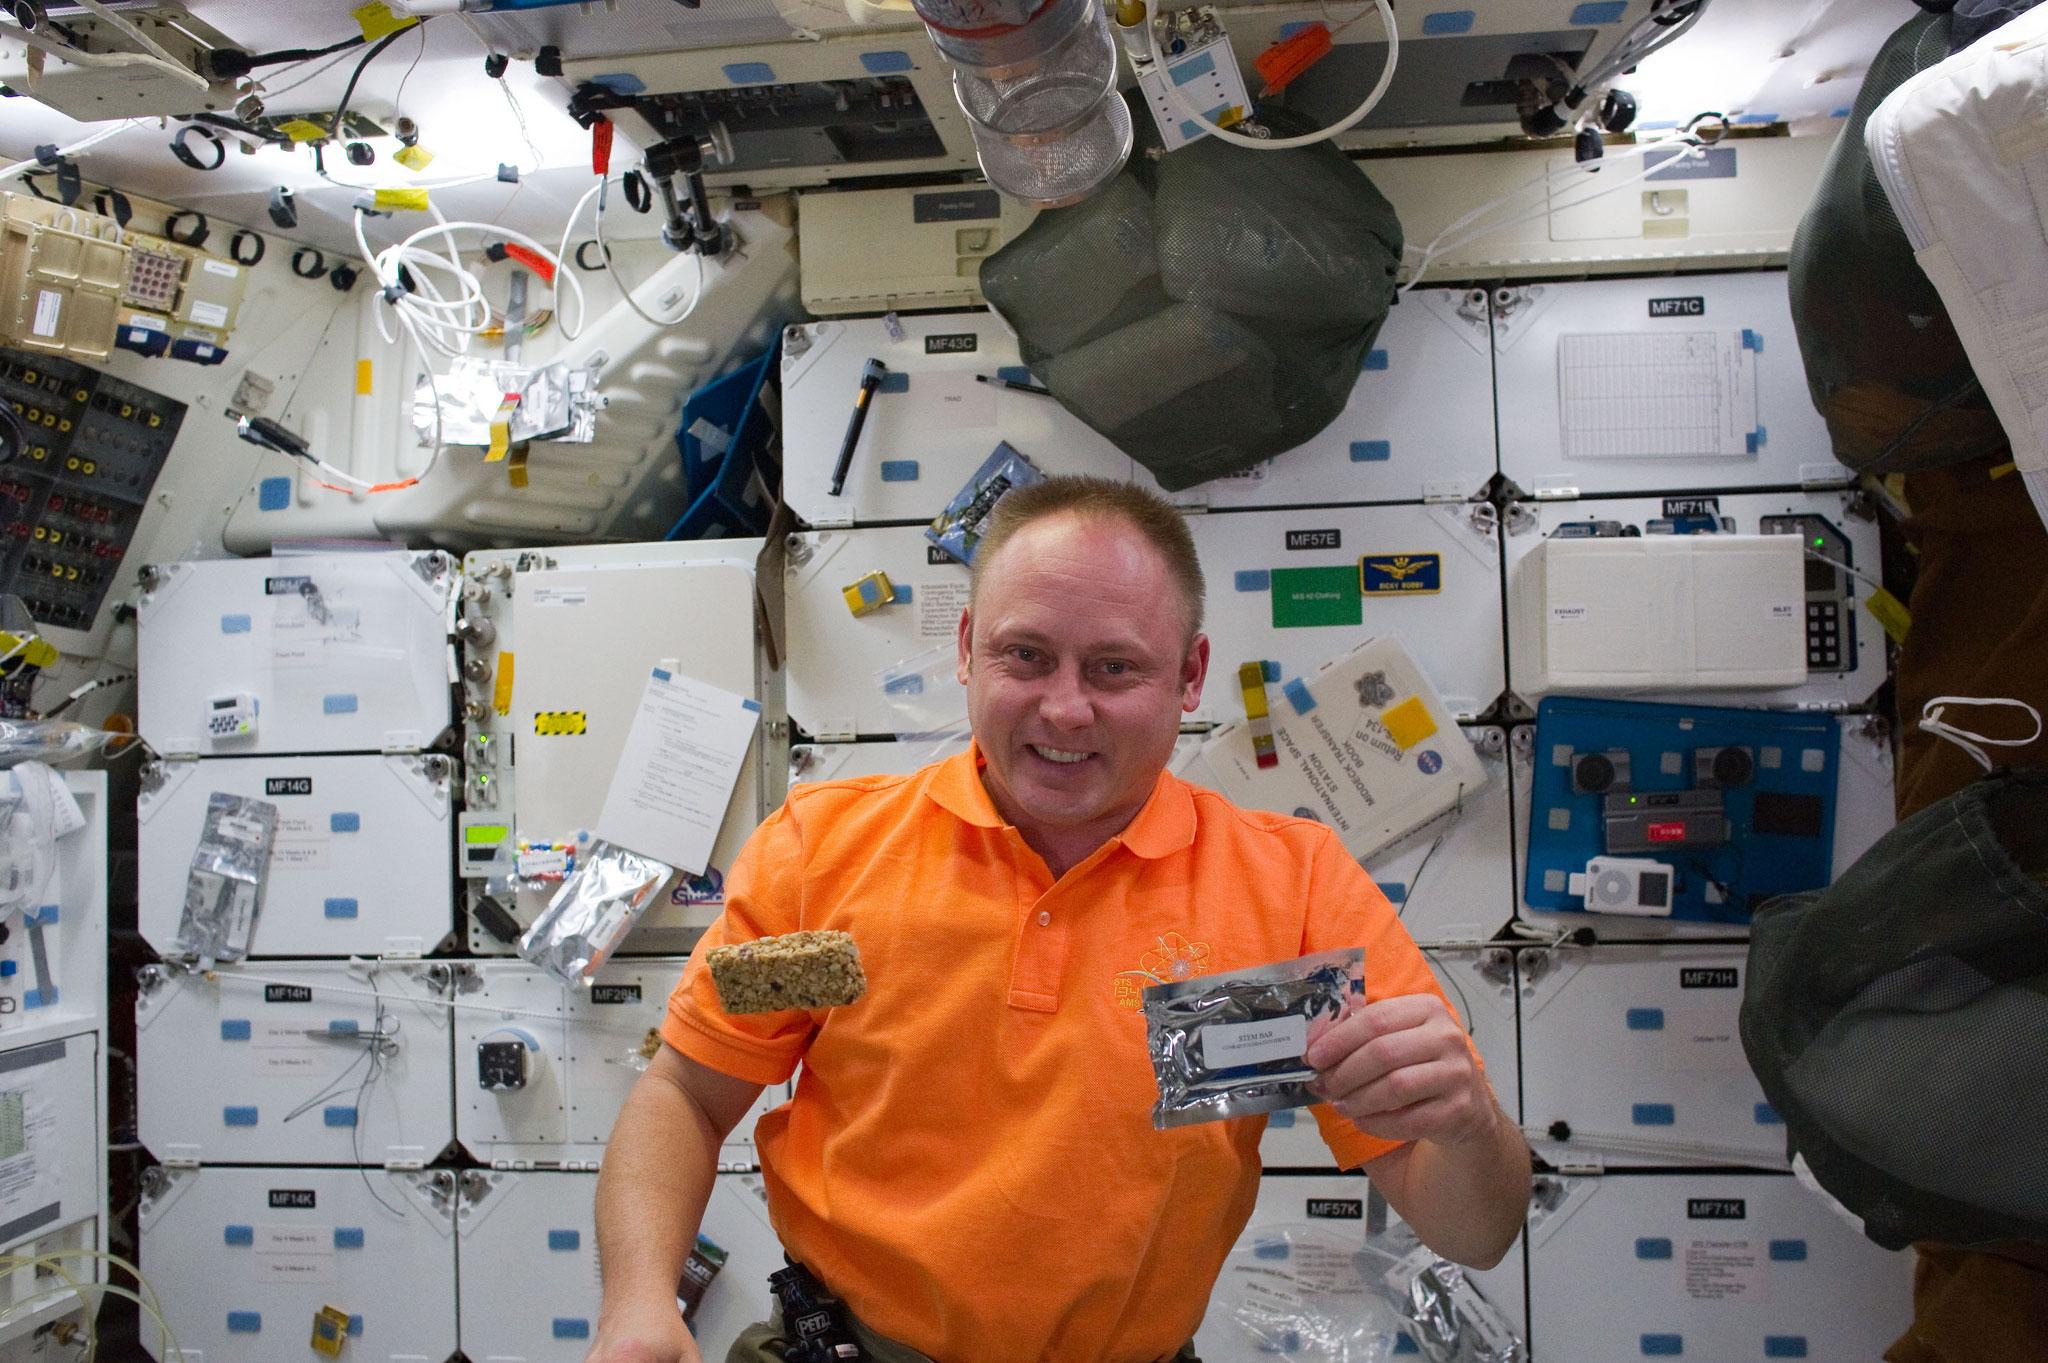 Mike Fincke sustituye a Eric Boe en la primera misión tripulada de la Boeing Starliner